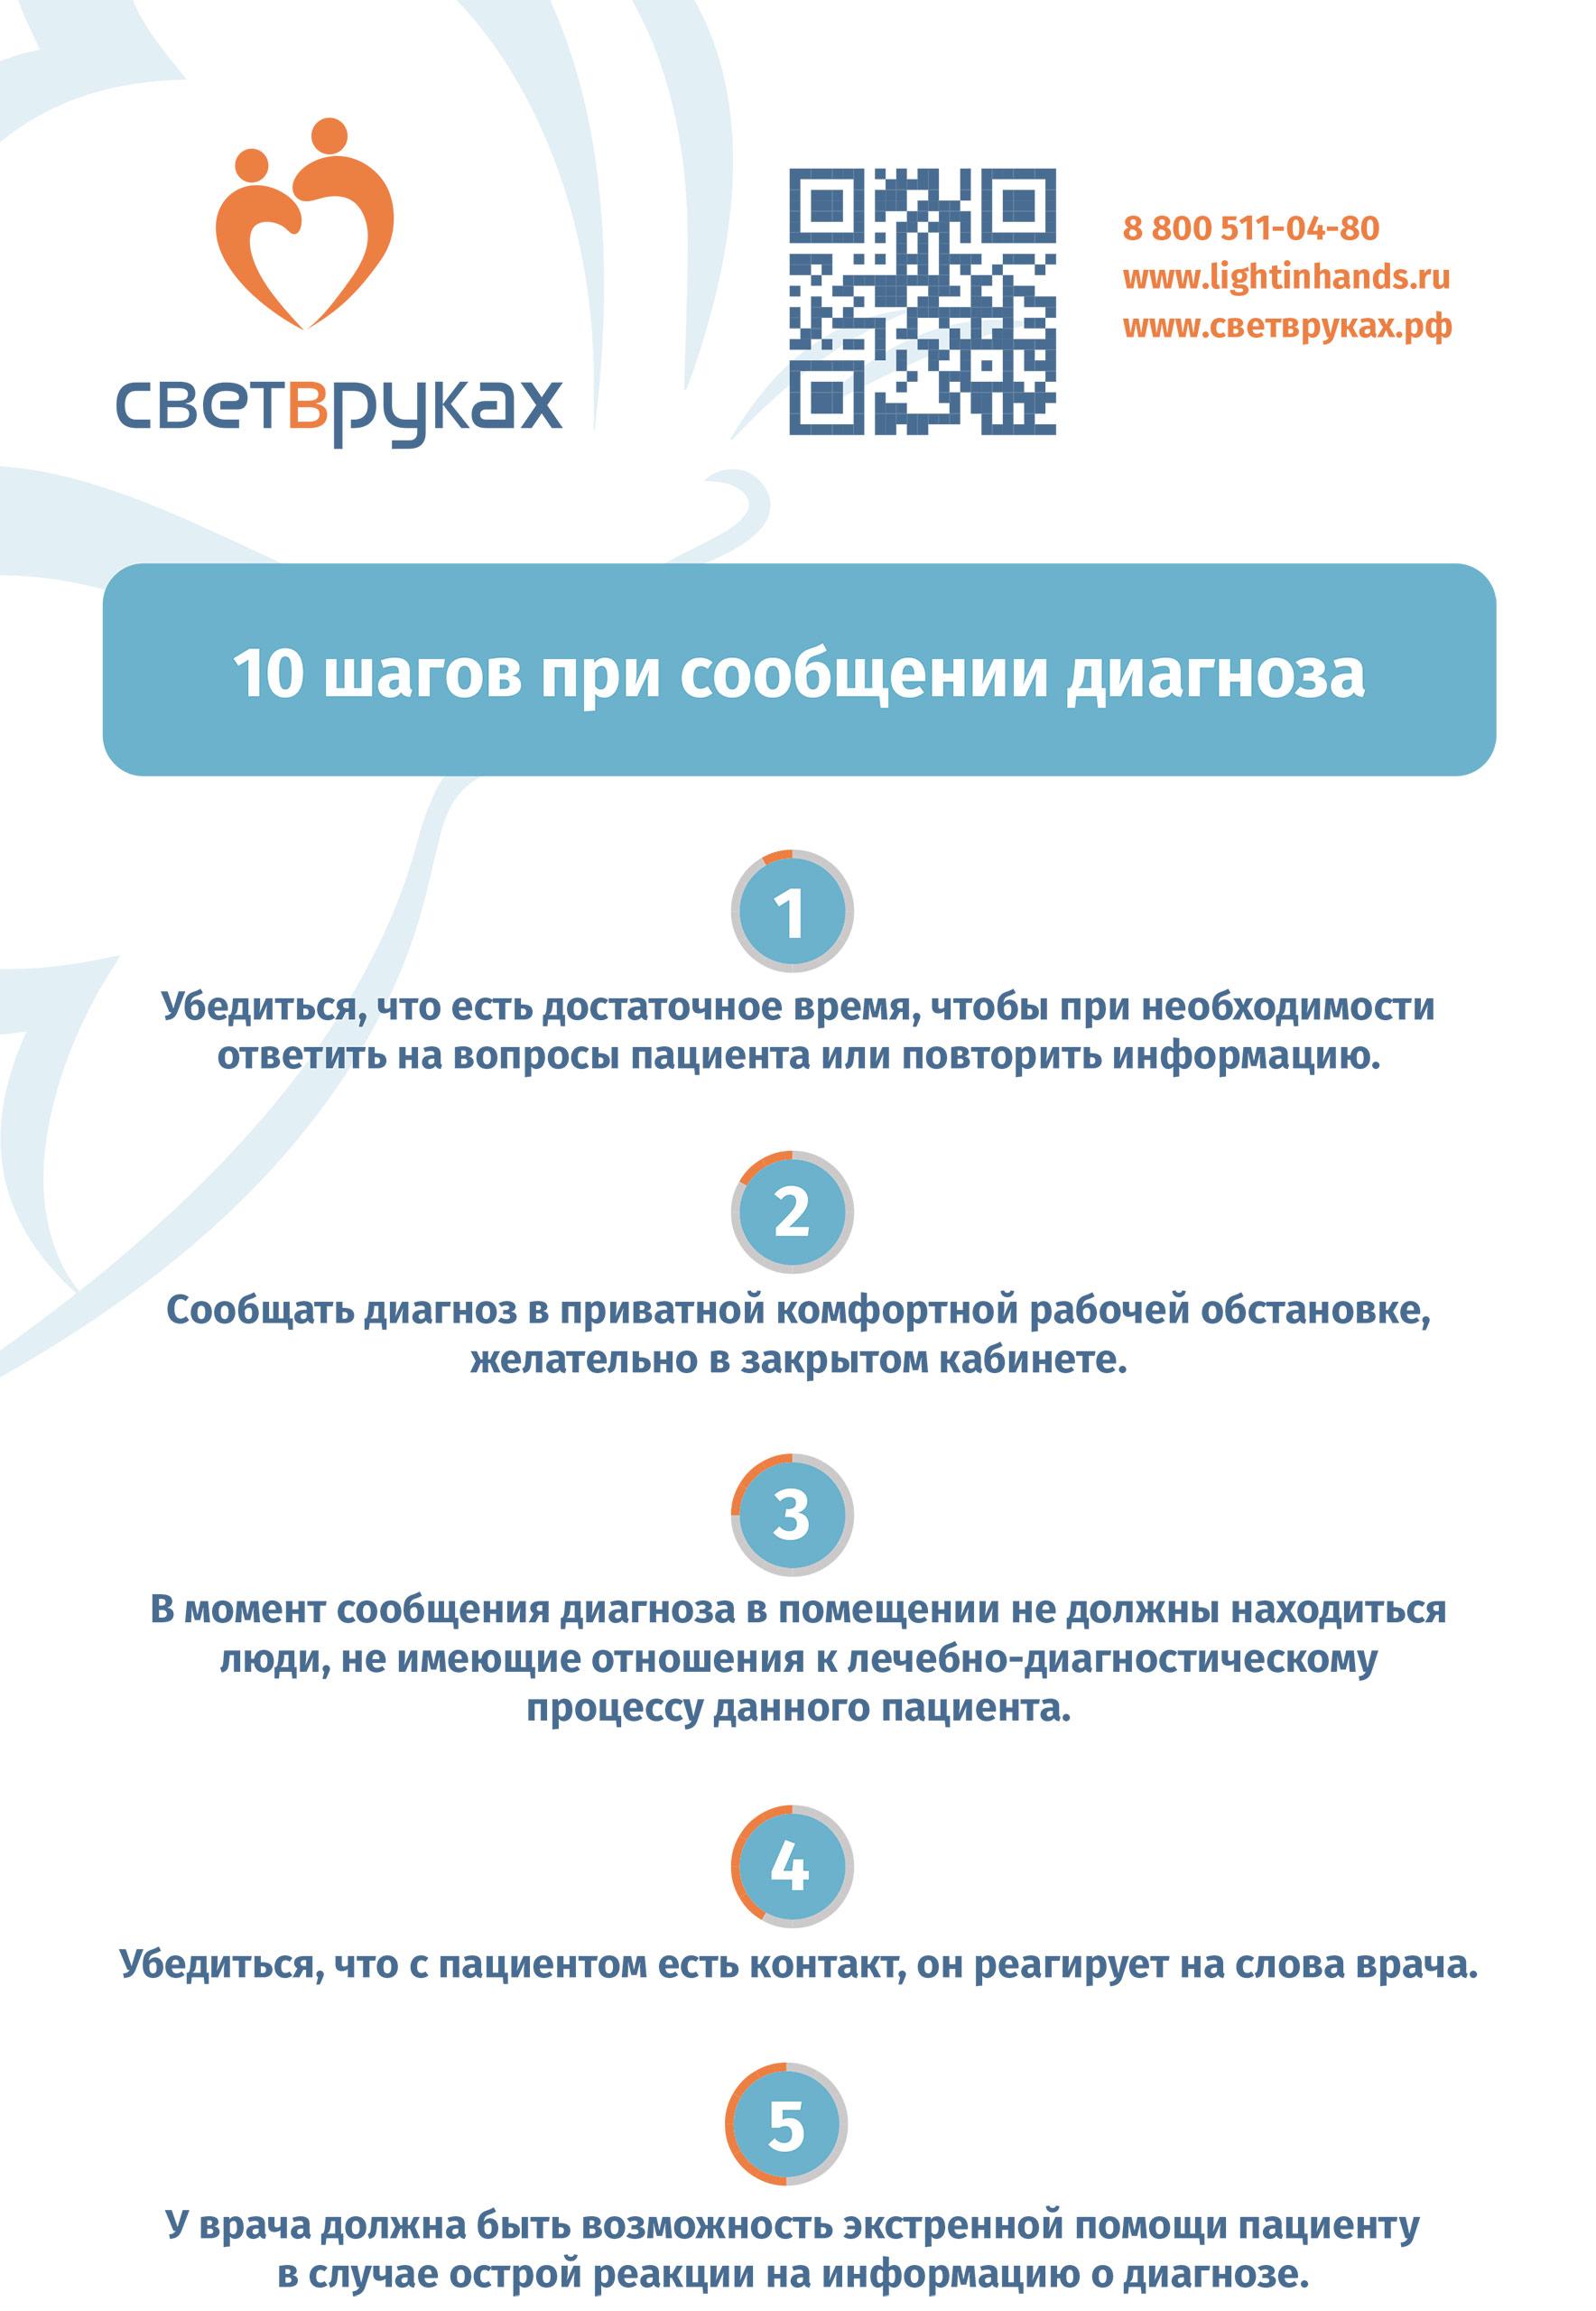 10 шагов при сообщении диагноза